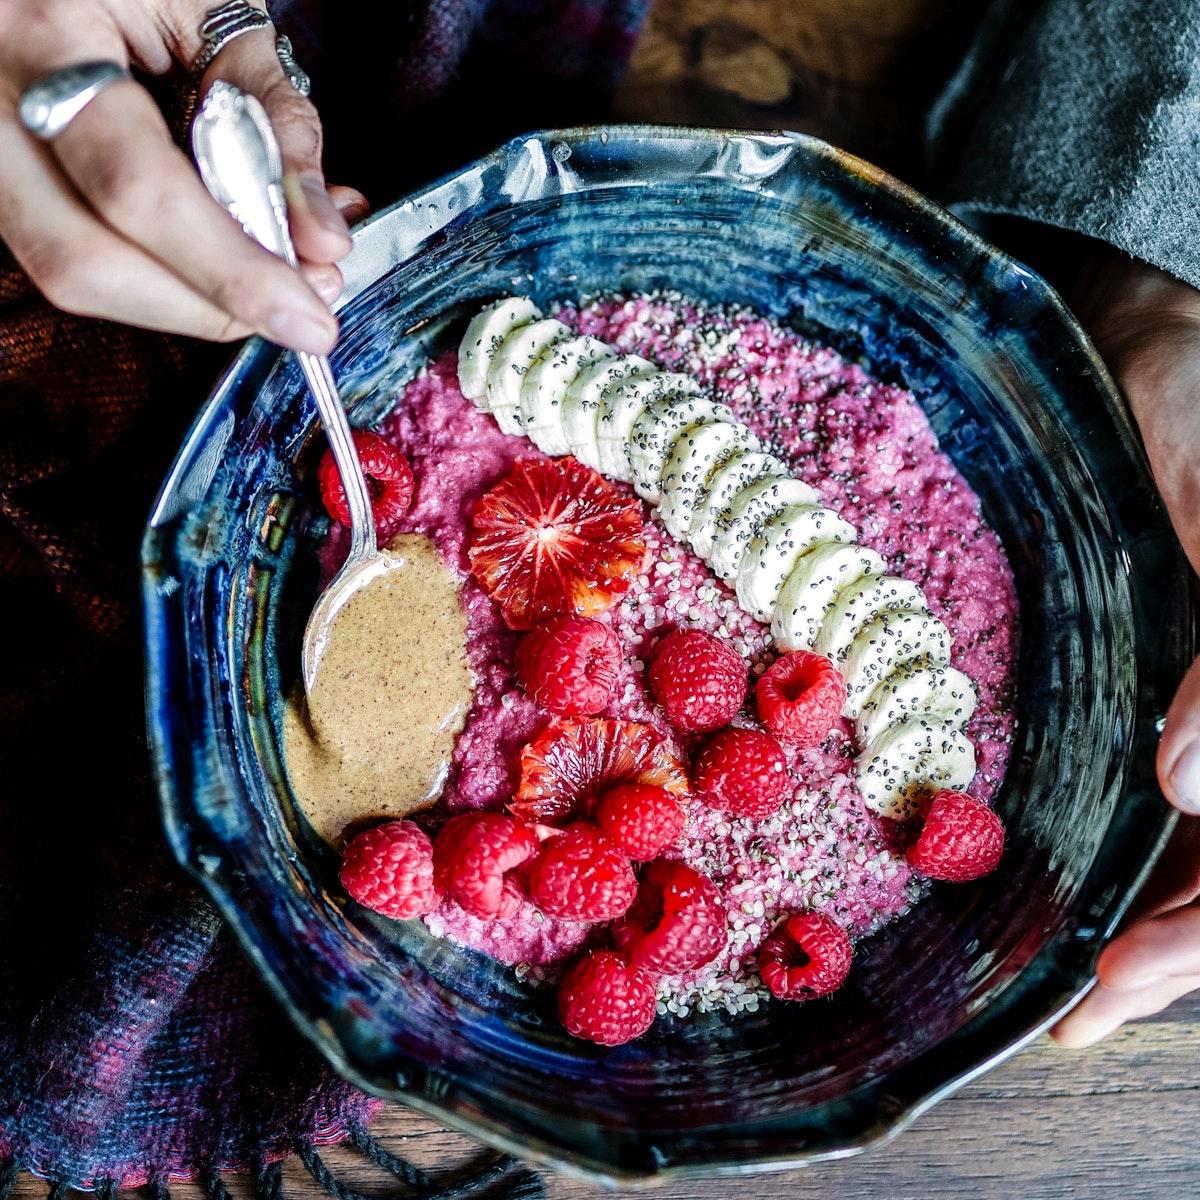 A healthy bowl of beetroot cinnamon porridge infused with maca